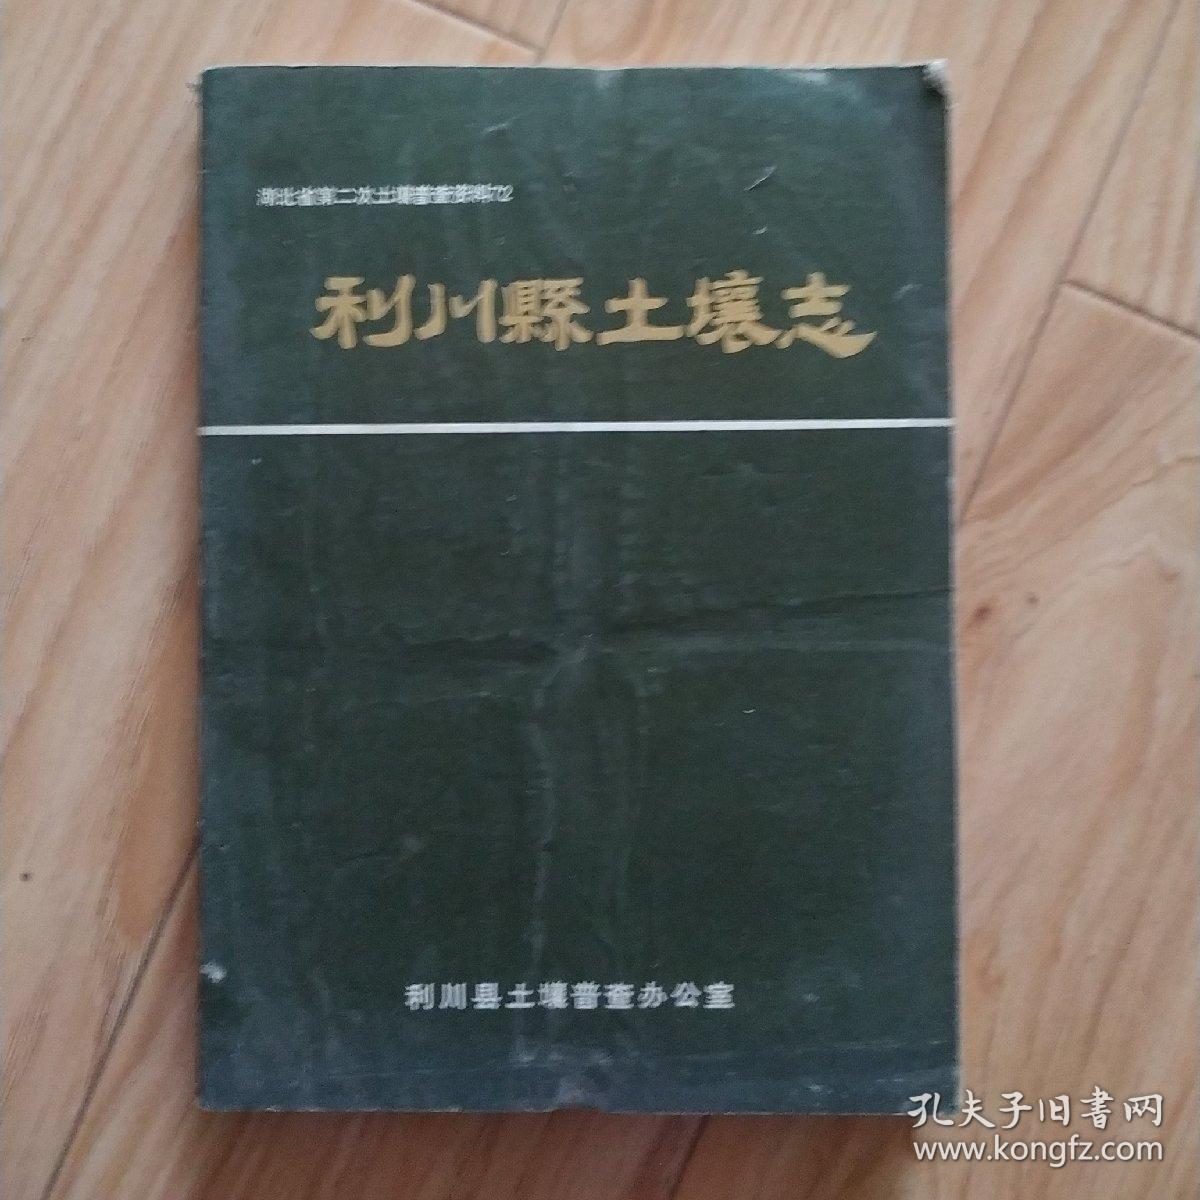 利川县土壤志            ------ 【包邮-挂】